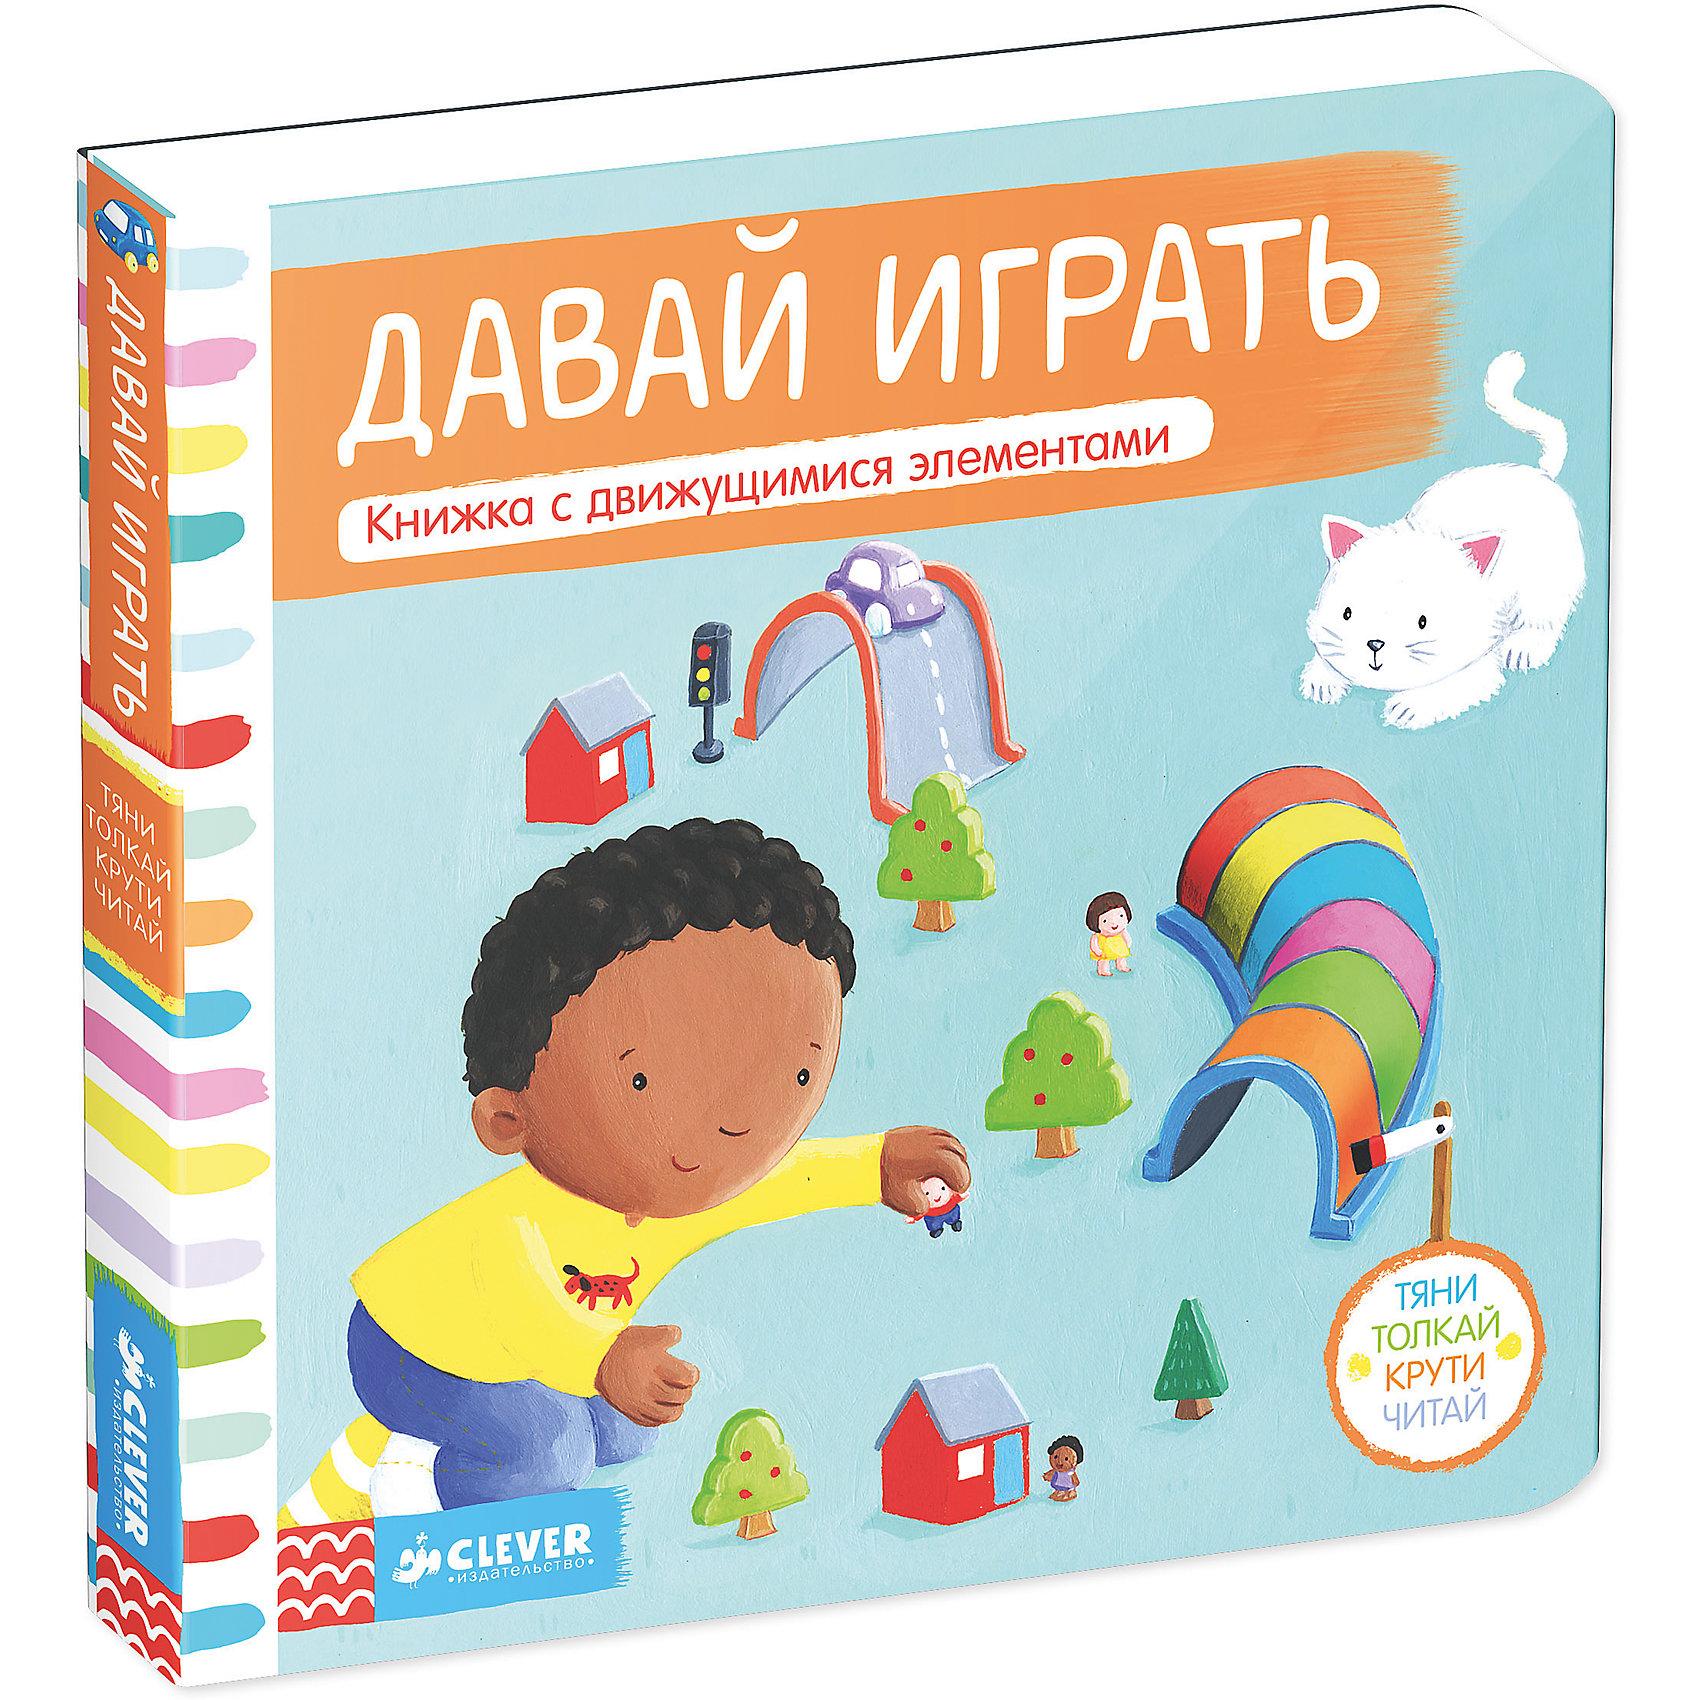 Книжка-игрушка Давай игратьПервые книги малыша<br>Книжку можно почитать,<br>В книжку можно поиграть.<br>Крути, тяни, толкай вперёд,<br>И наша книжка оживёт.<br>Издательство Clever  с радостью дарит вам эту замечательную книжку-игрушку:осваивайте новые слова, развивайте мелкую моторику и внимание и веселитесь! Весёлые стихи, темы для обсуждания с ребёнком, весёлые задания для разговора с ребёнком.<br>Дополнительная информация:<br><br>- год издания: 2015<br>- формат: 18* 18 * 1.5 см.<br>- количество страниц: 8<br>- переплет: картон<br>- вес: 310 гр.<br>- возраст: от 1 года до 3 лет <br><br>Книжку-игрушку Давай играть можно купить в нашем интернет-магазине.<br><br>Ширина мм: 180<br>Глубина мм: 180<br>Высота мм: 15<br>Вес г: 285<br>Возраст от месяцев: 0<br>Возраст до месяцев: 36<br>Пол: Унисекс<br>Возраст: Детский<br>SKU: 4750690